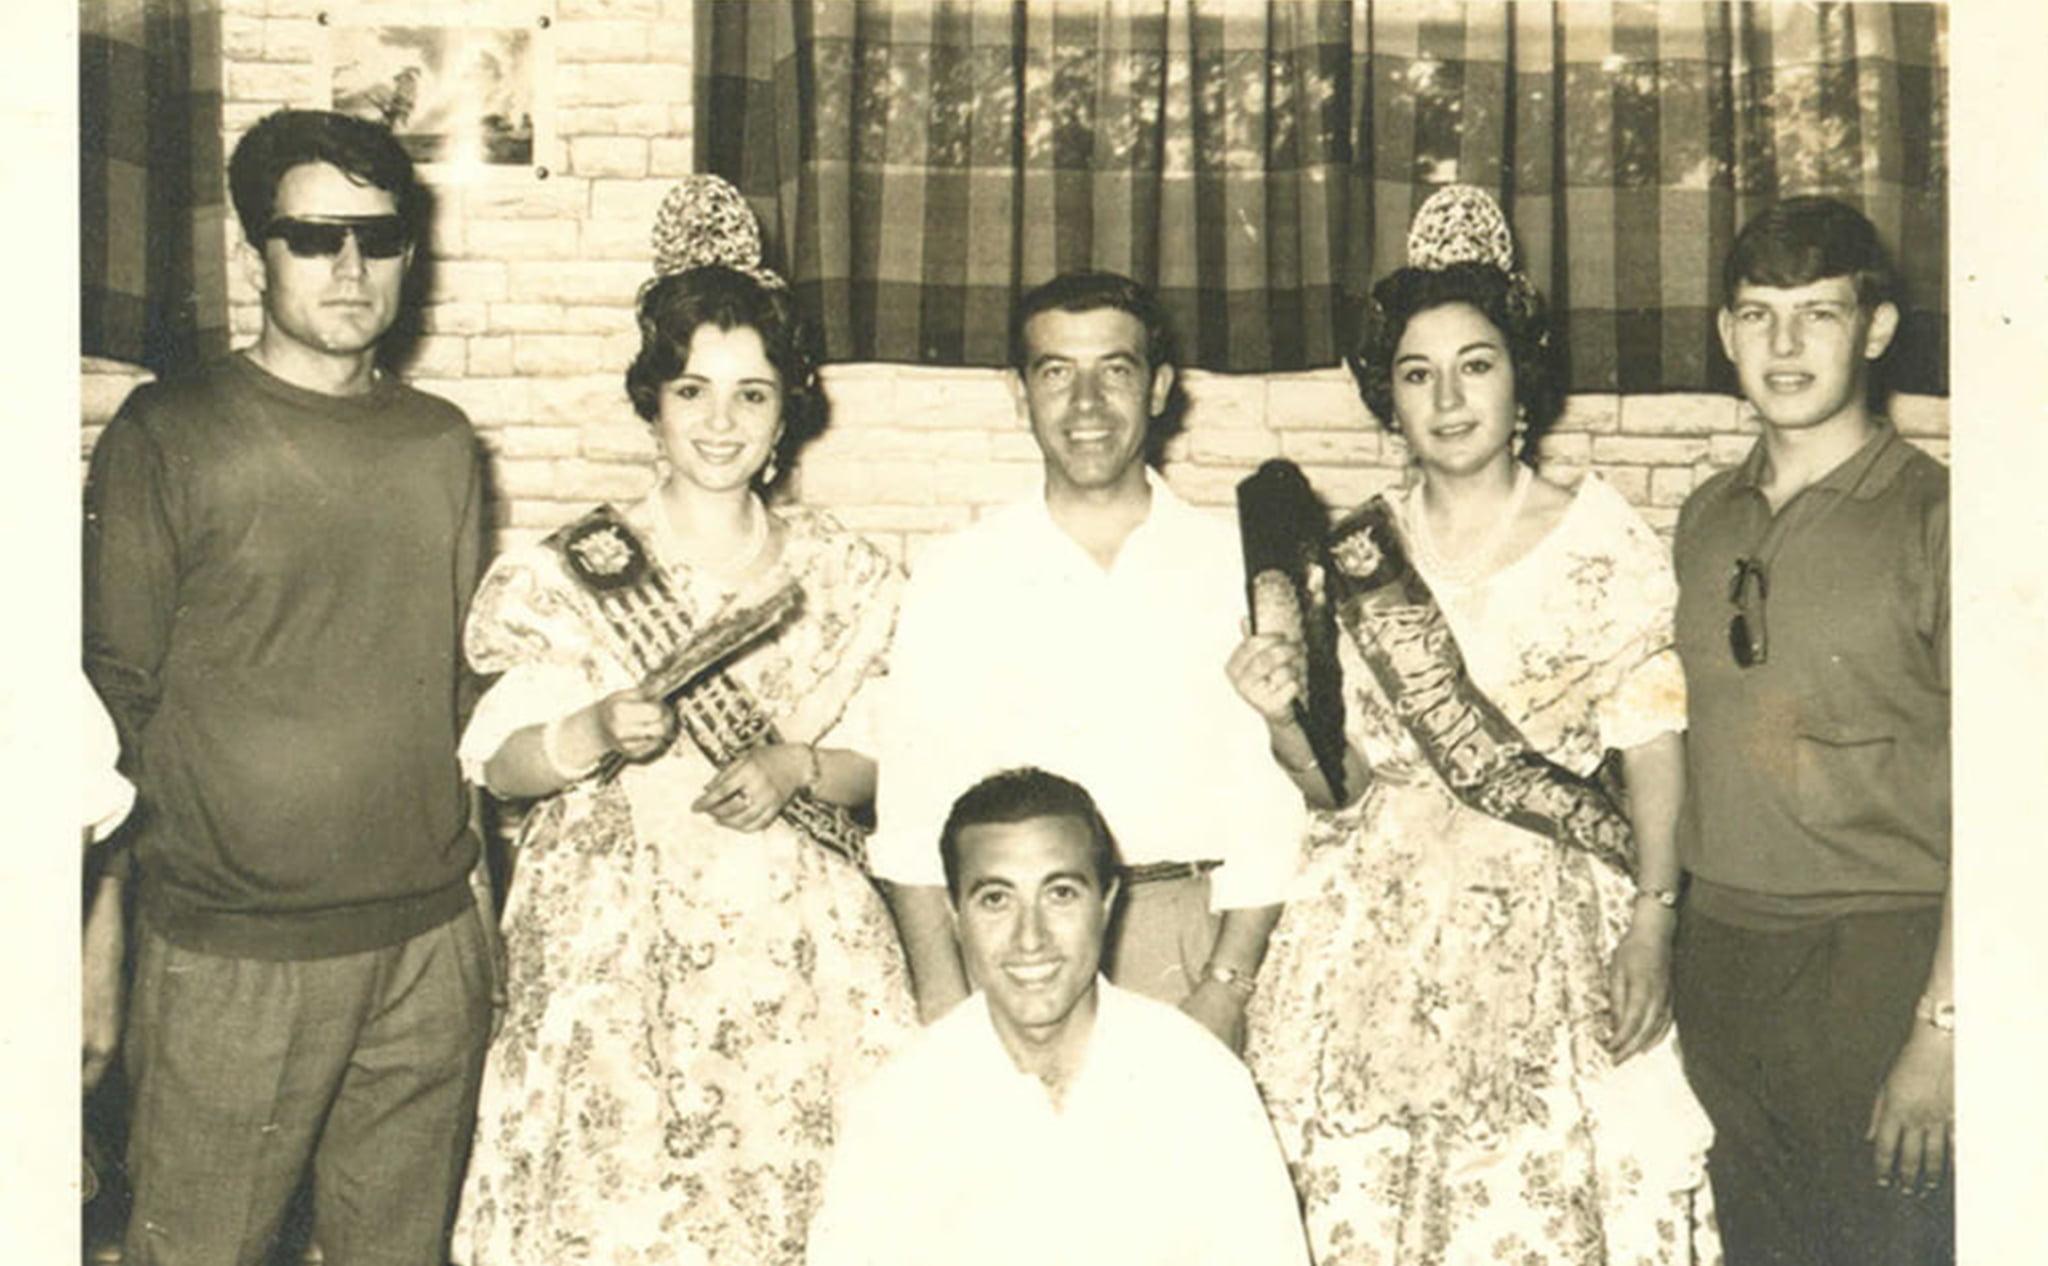 Las reinas del Foc, Teresa Bisquert Bas, y de la Foguera, Teresa Ferrer Bisquert, en el año 1967